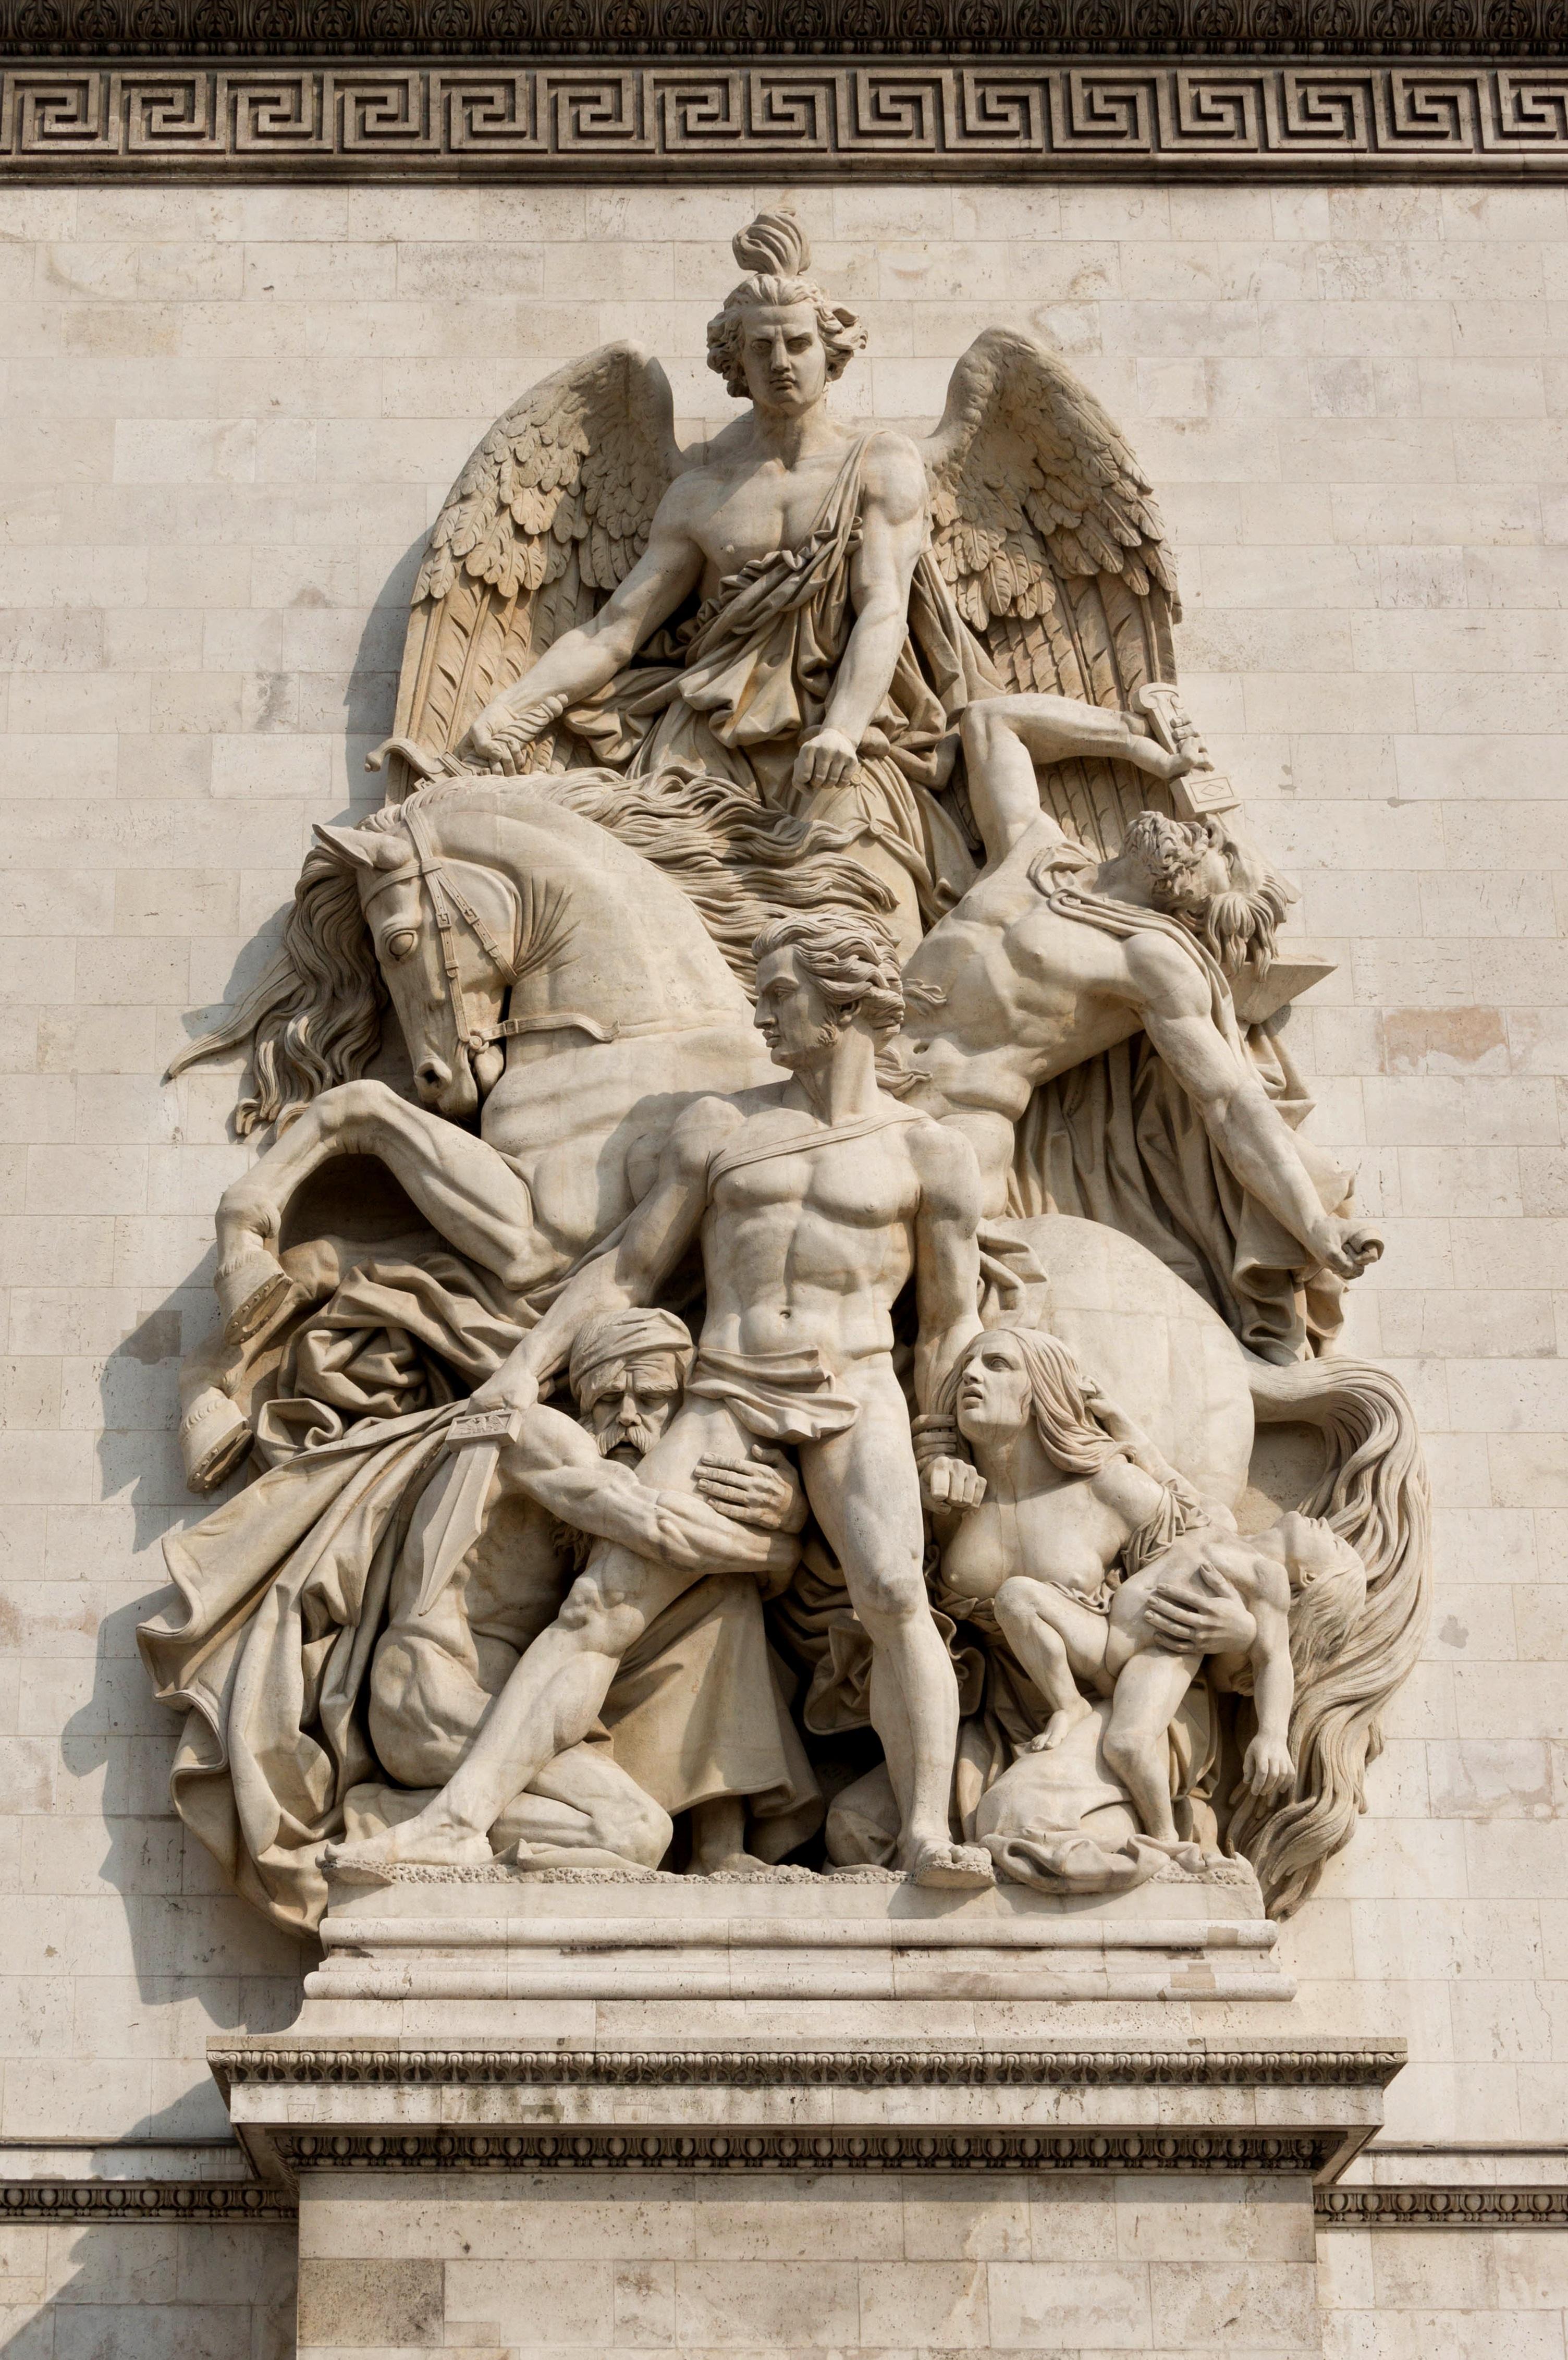 Free images building paris monument france statue